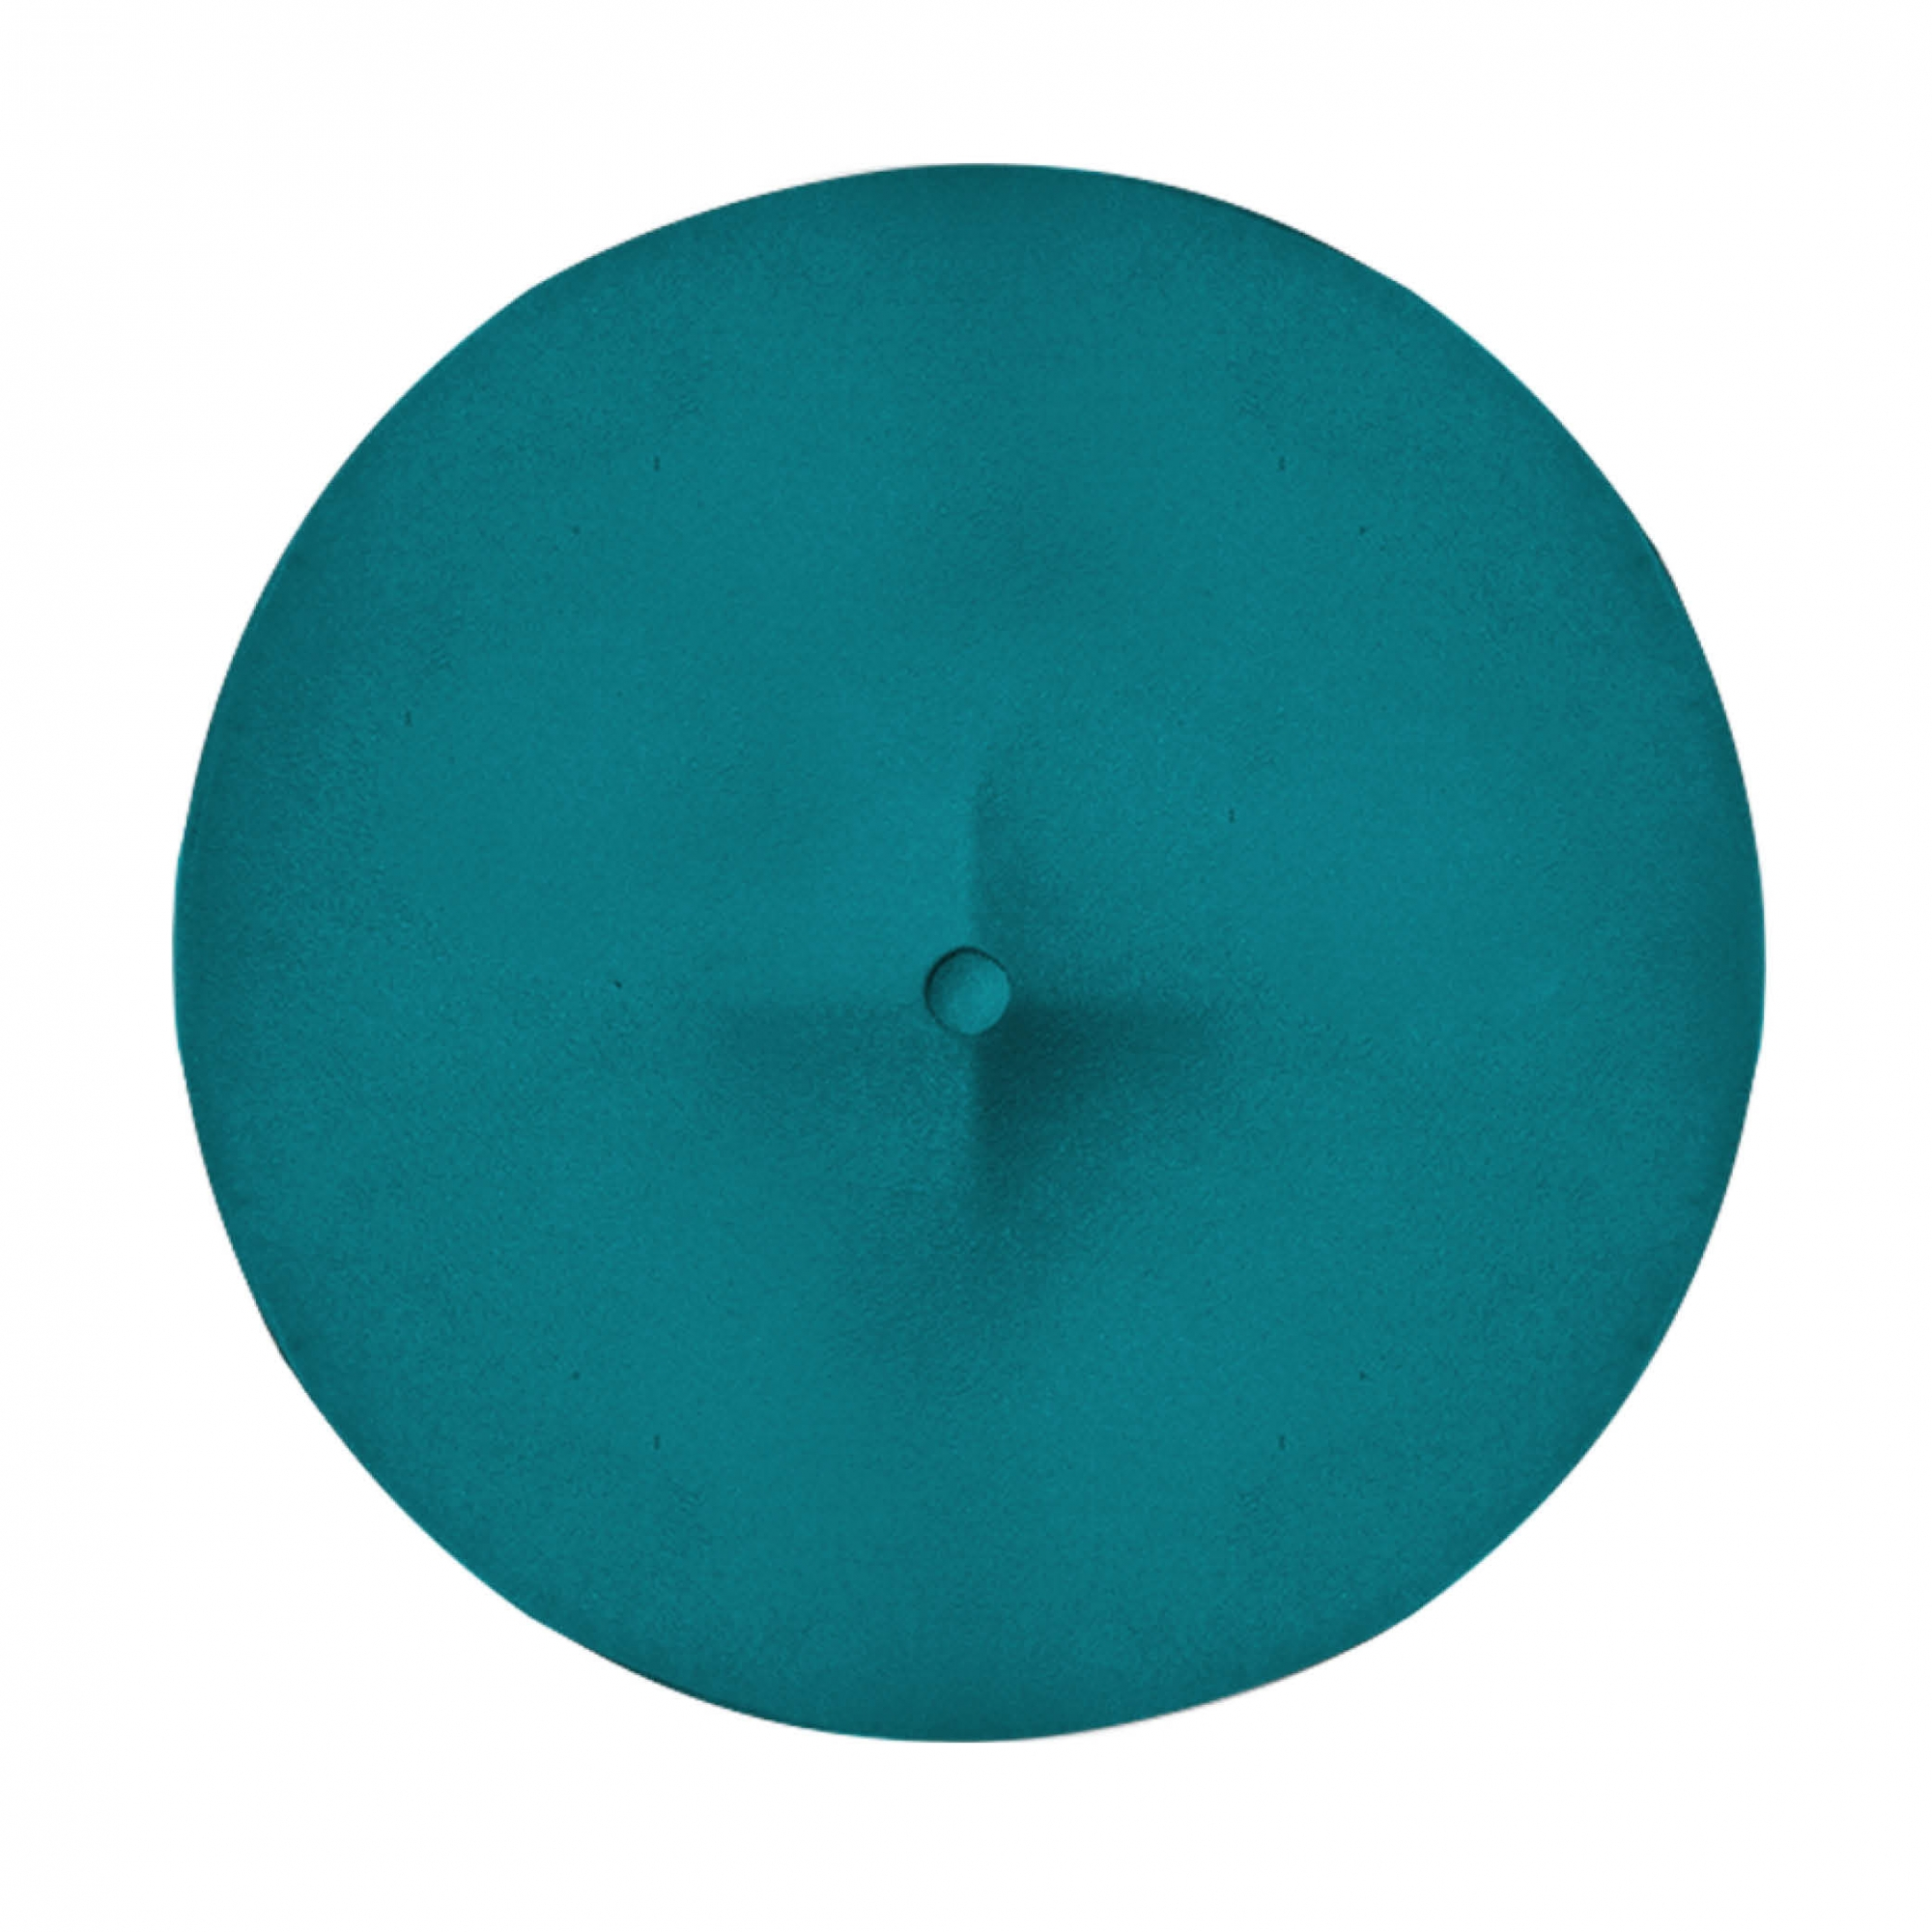 Kit 2 Puff Duda Decoração Redondo Recepção Escritório Sala Estar Salão Quarto D'Classe Decor Suede Azul Tiffany